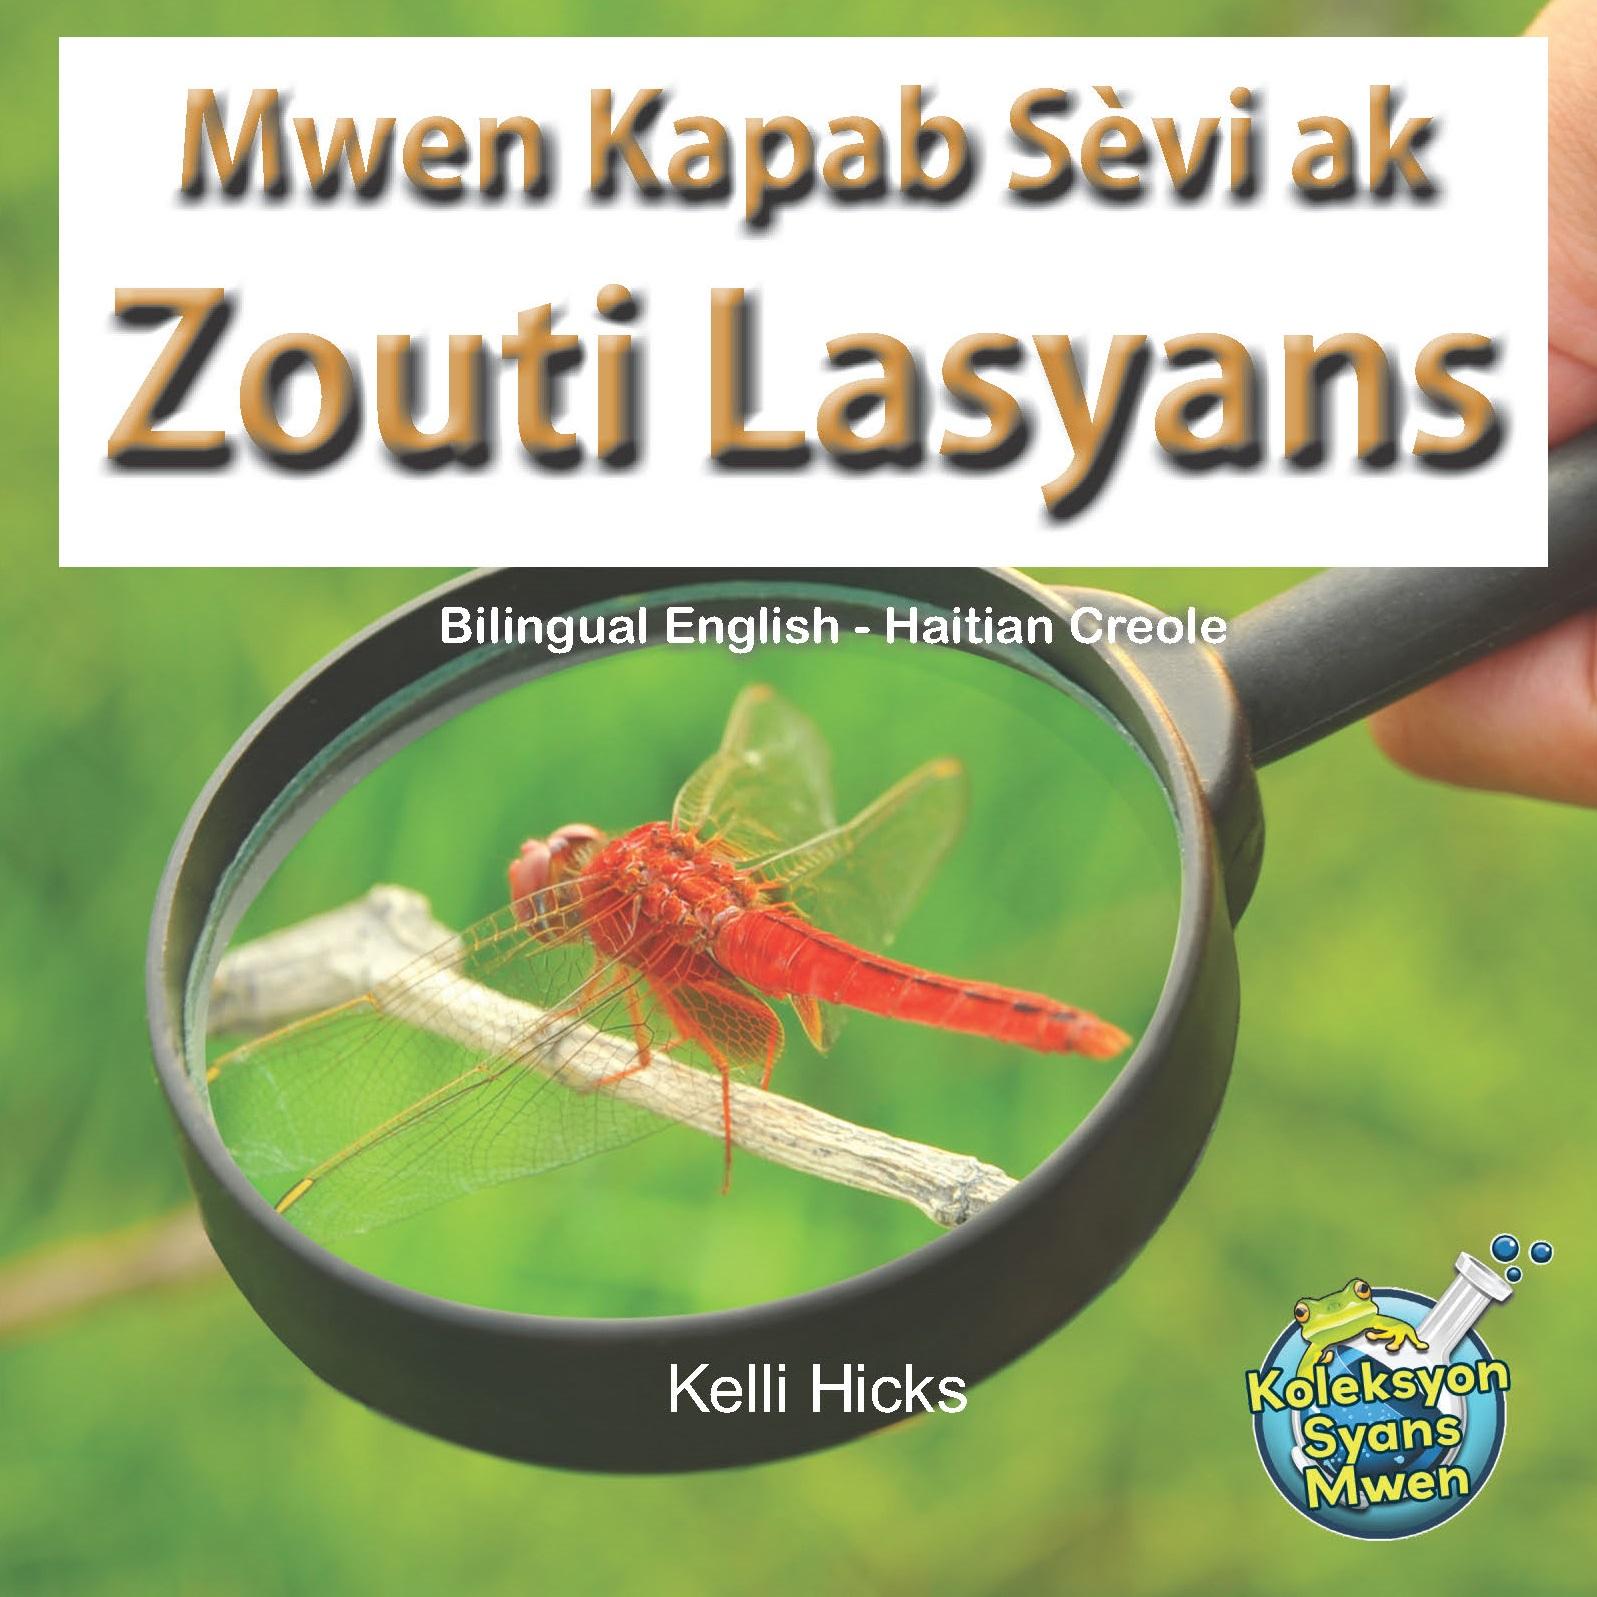 Mwen Kapab Sèvi ak Zouti Lasyans